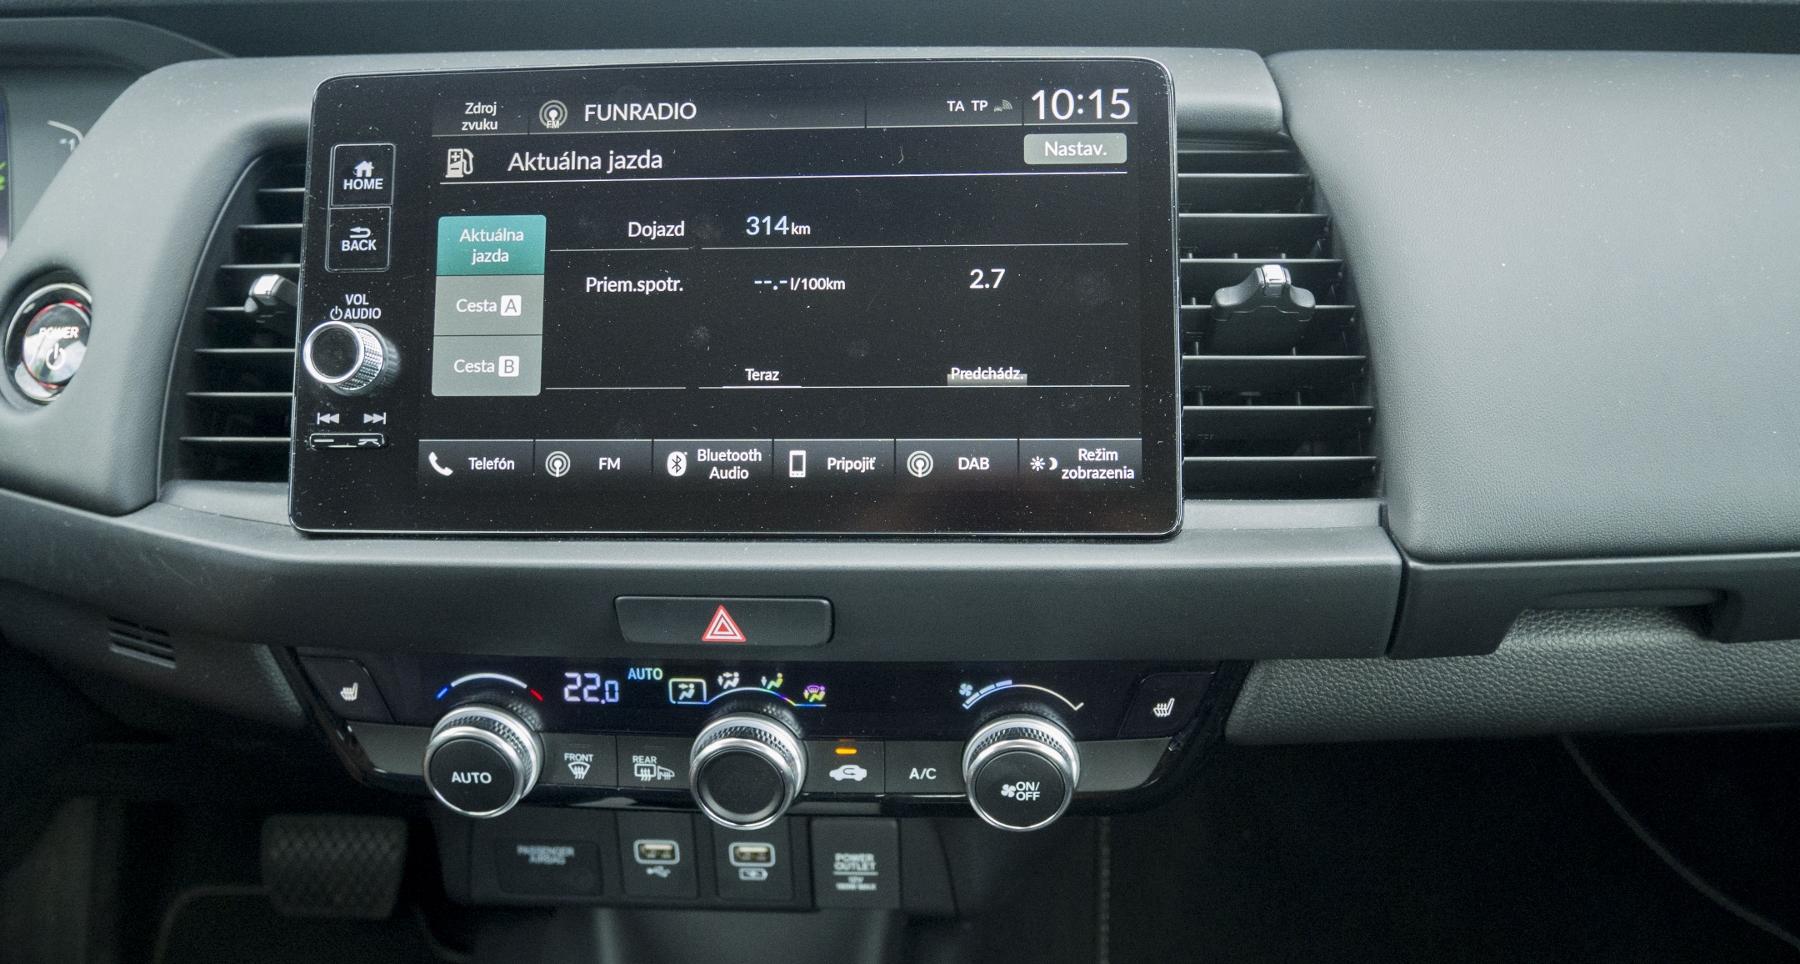 Test: Honda Jazz je kráľ spotreby a využiteľnosti priestoru q23uTo3wne honda-jazz-25